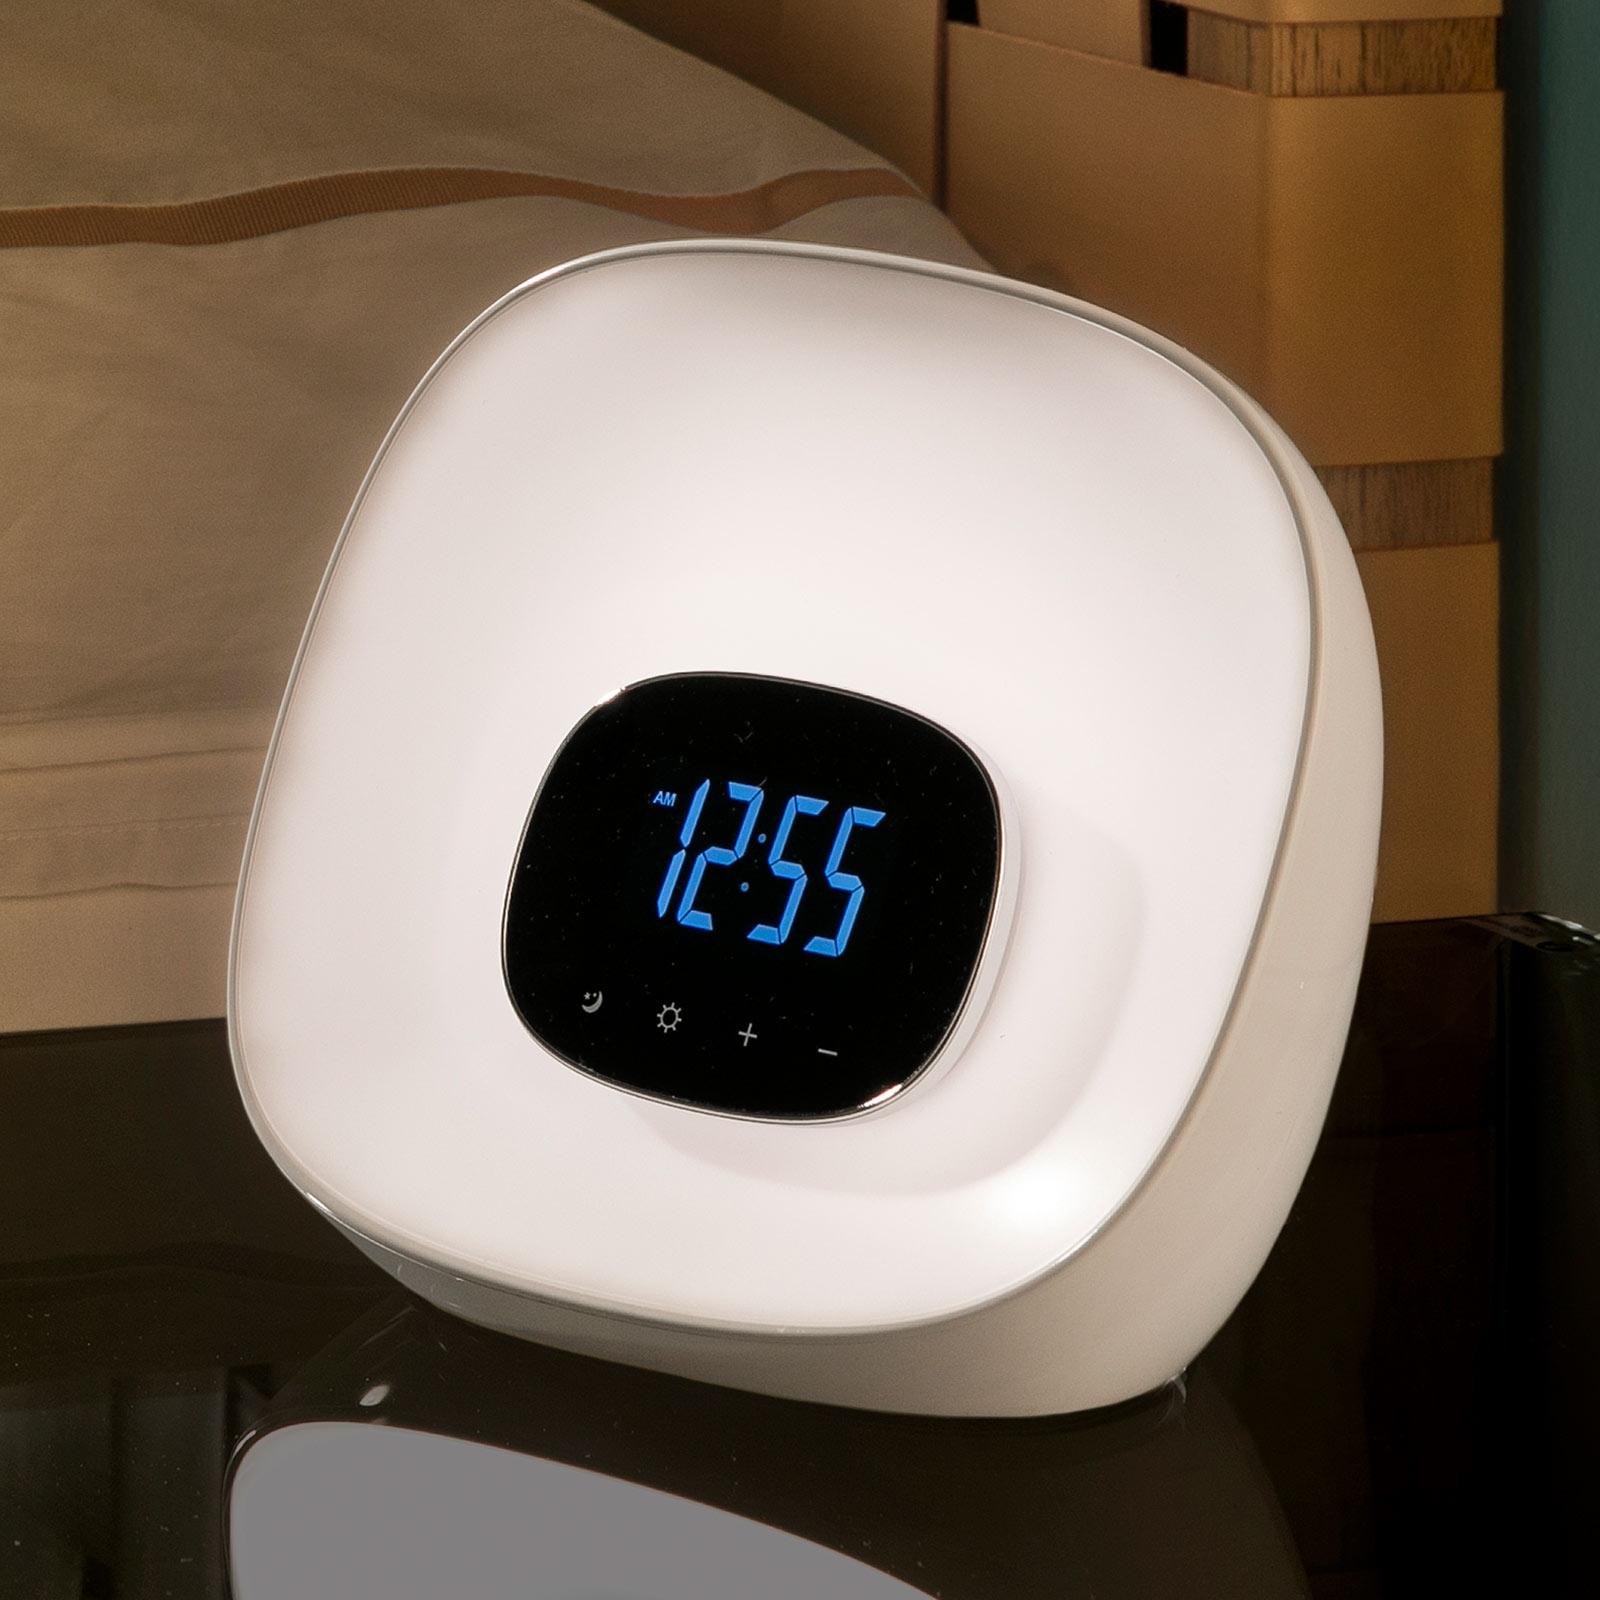 Lampa stołowa Sunrise z zegarem radiem i budzikiem